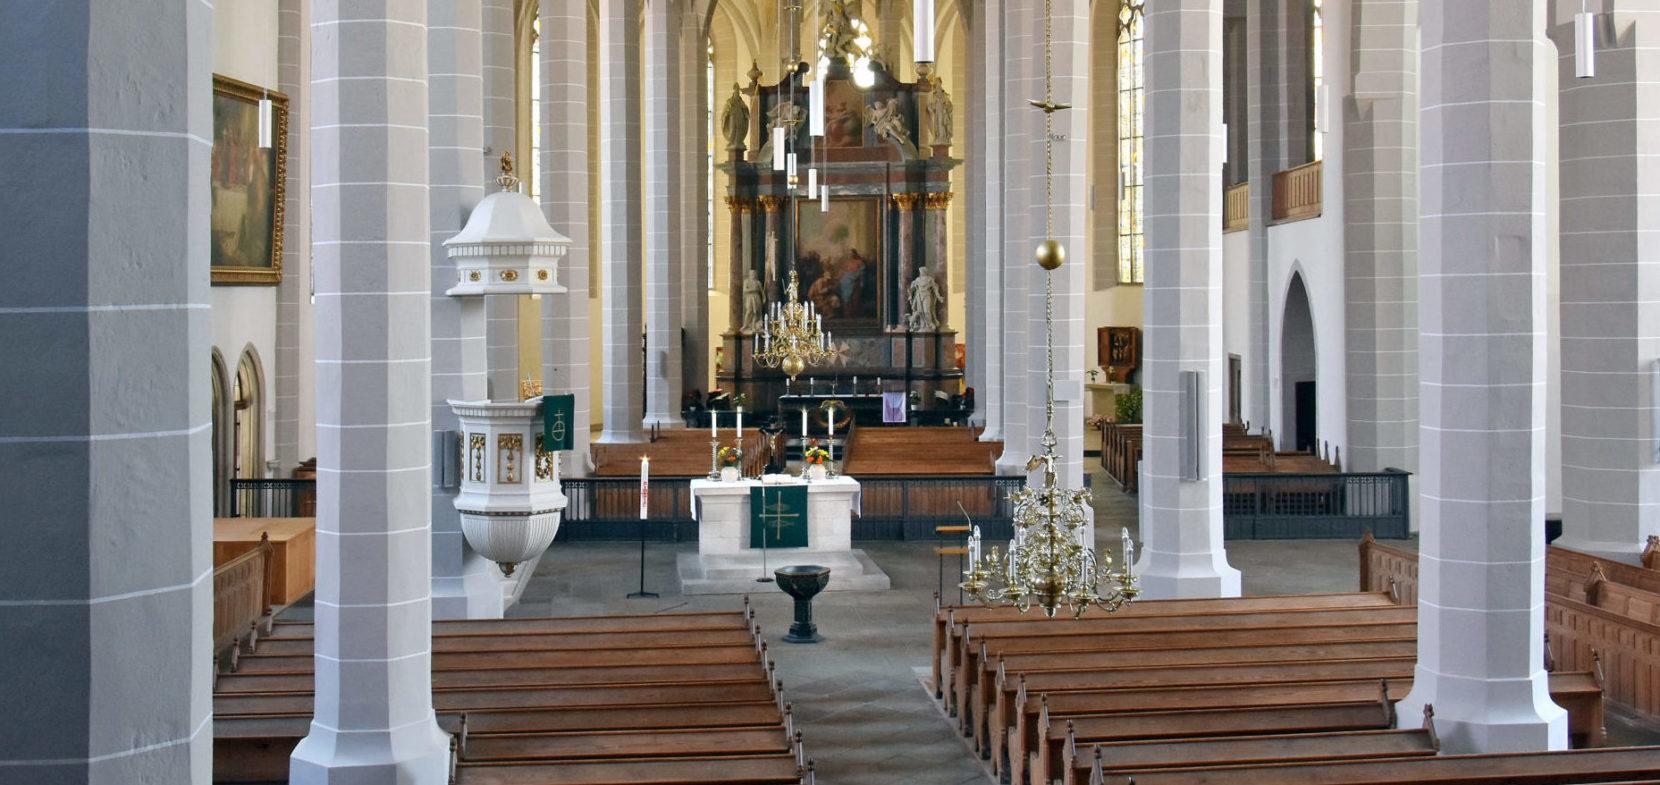 Ev.-Luth. Kirchgemeinde St. Petri Bautzen im Kirchspiel Bautzen